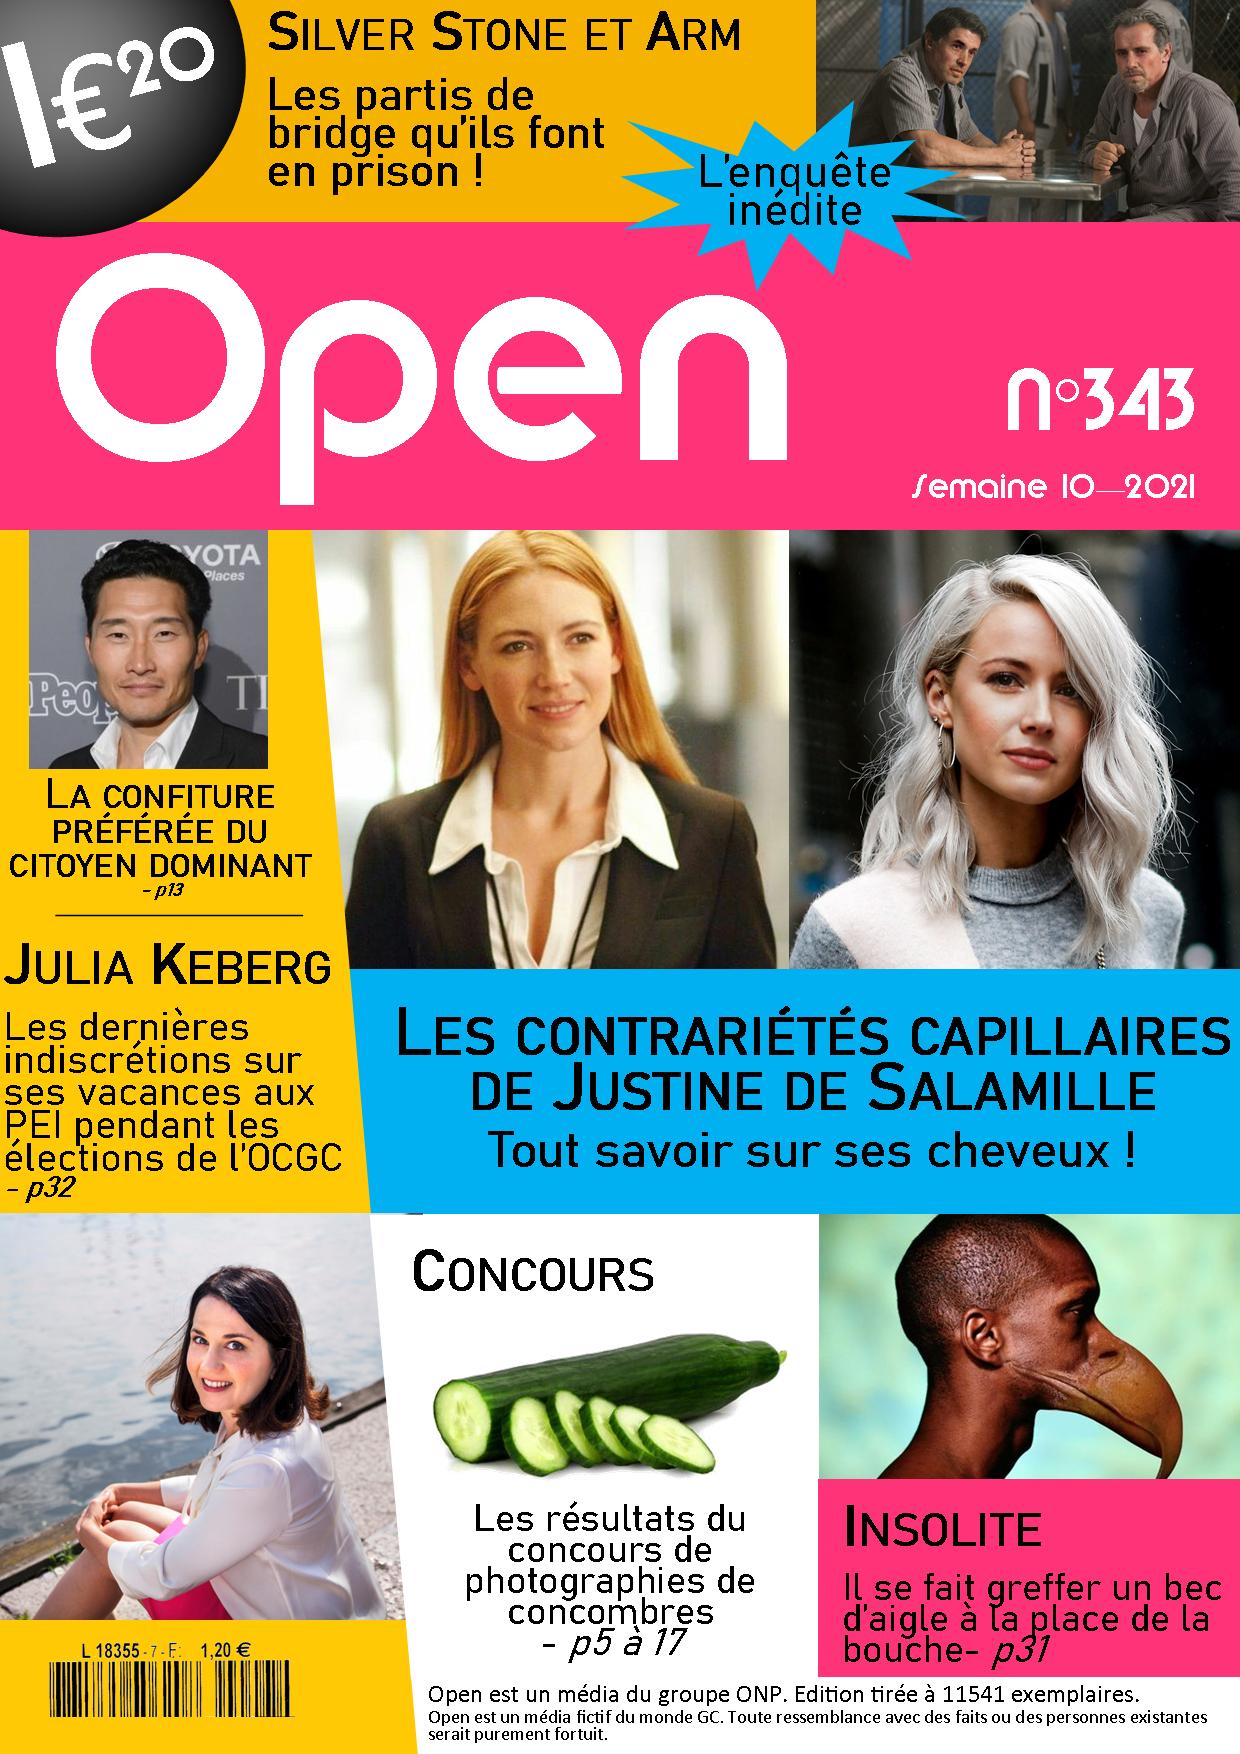 ONP - Live Squit, comprendre les élections municipales mandelsiennes - Page 16 Open-No343